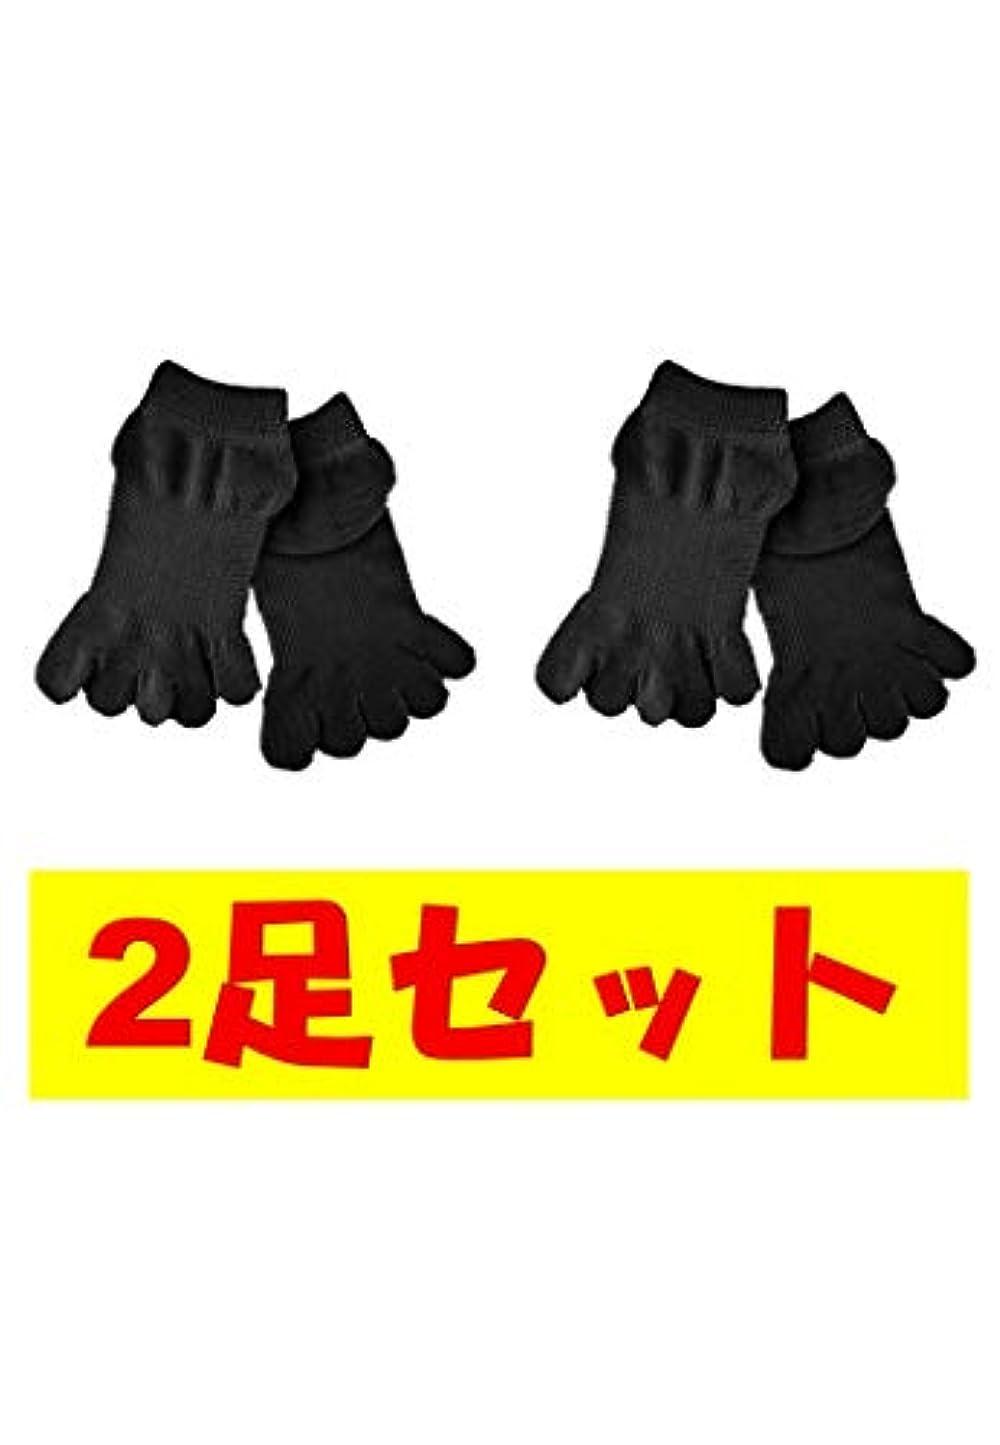 チャンピオン冒険家参加者お買い得2足セット 5本指 ゆびのばソックス ゆびのば アンクル ブラック iサイズ 23.5cm-25.5cm YSANKL-BLK